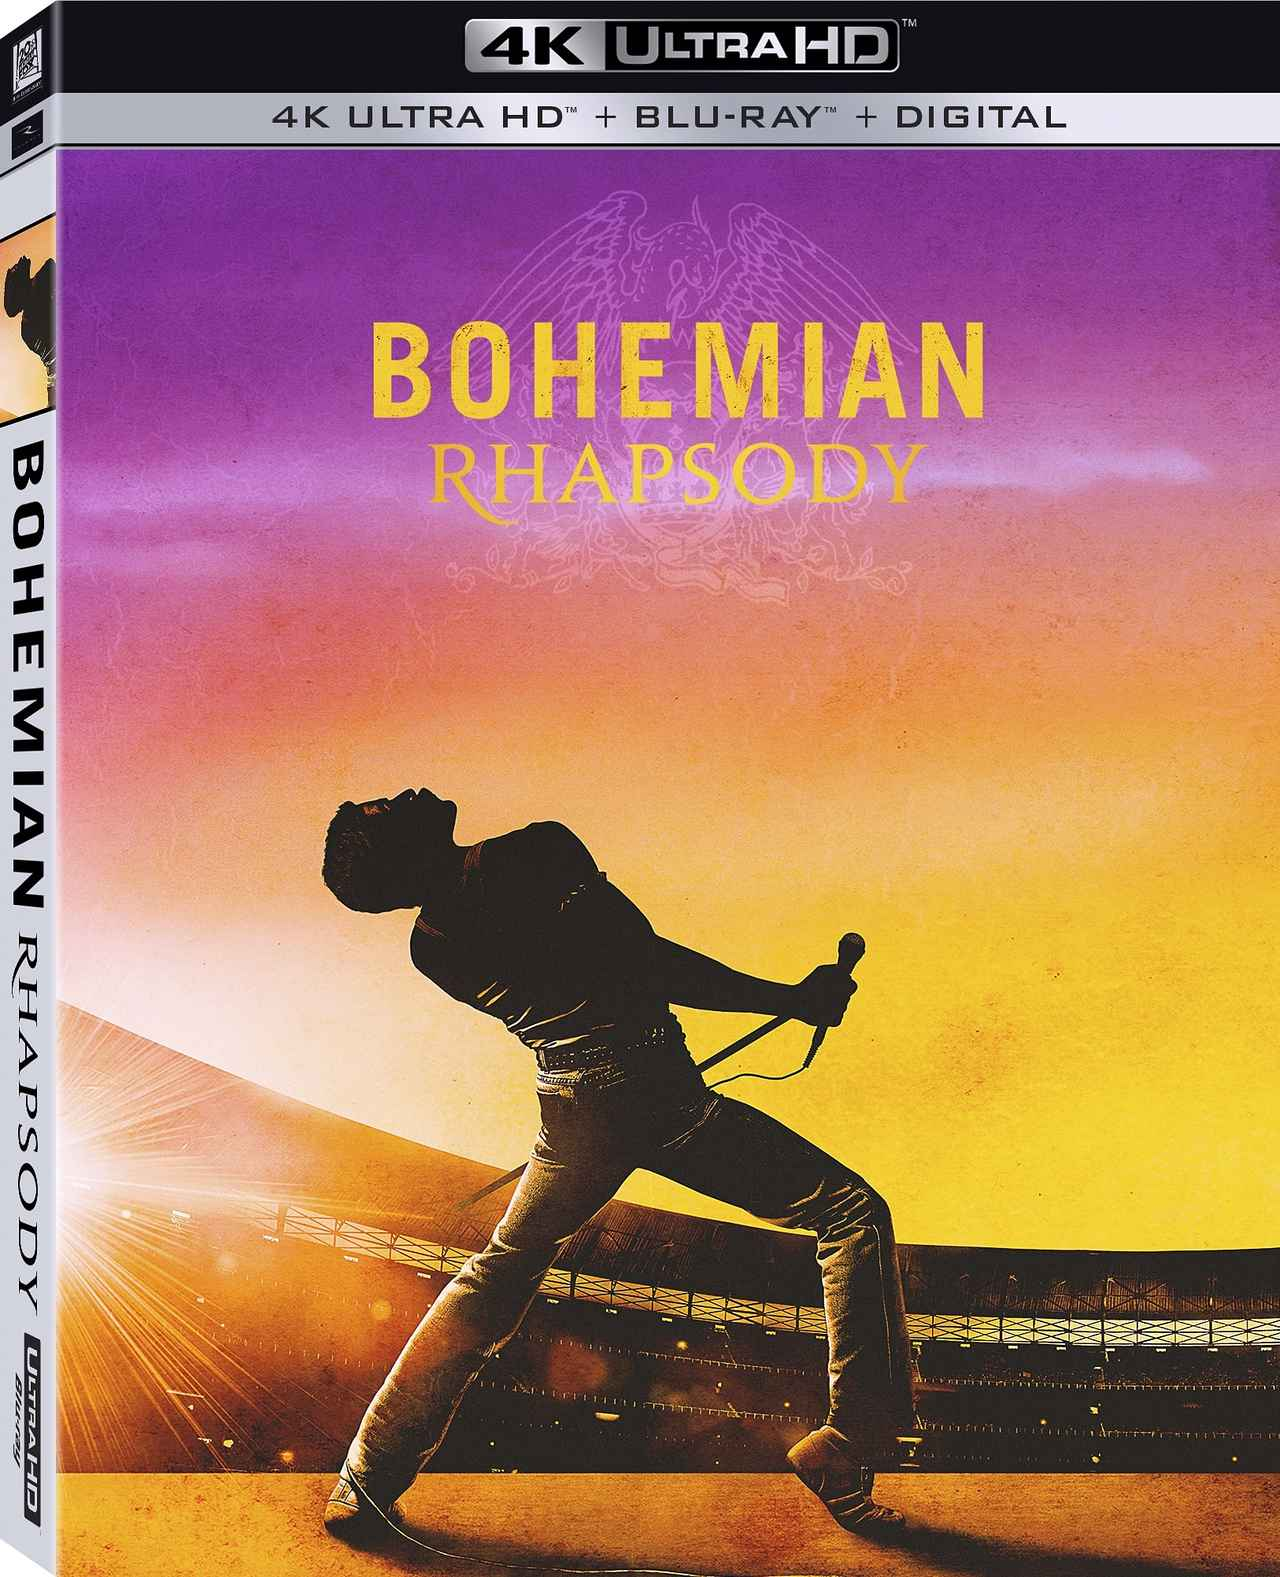 画像: 感動の音楽伝記映画を4K&アトモスで!『ボヘミアン・ラプソディ』【海外盤Blu-ray発売情報】